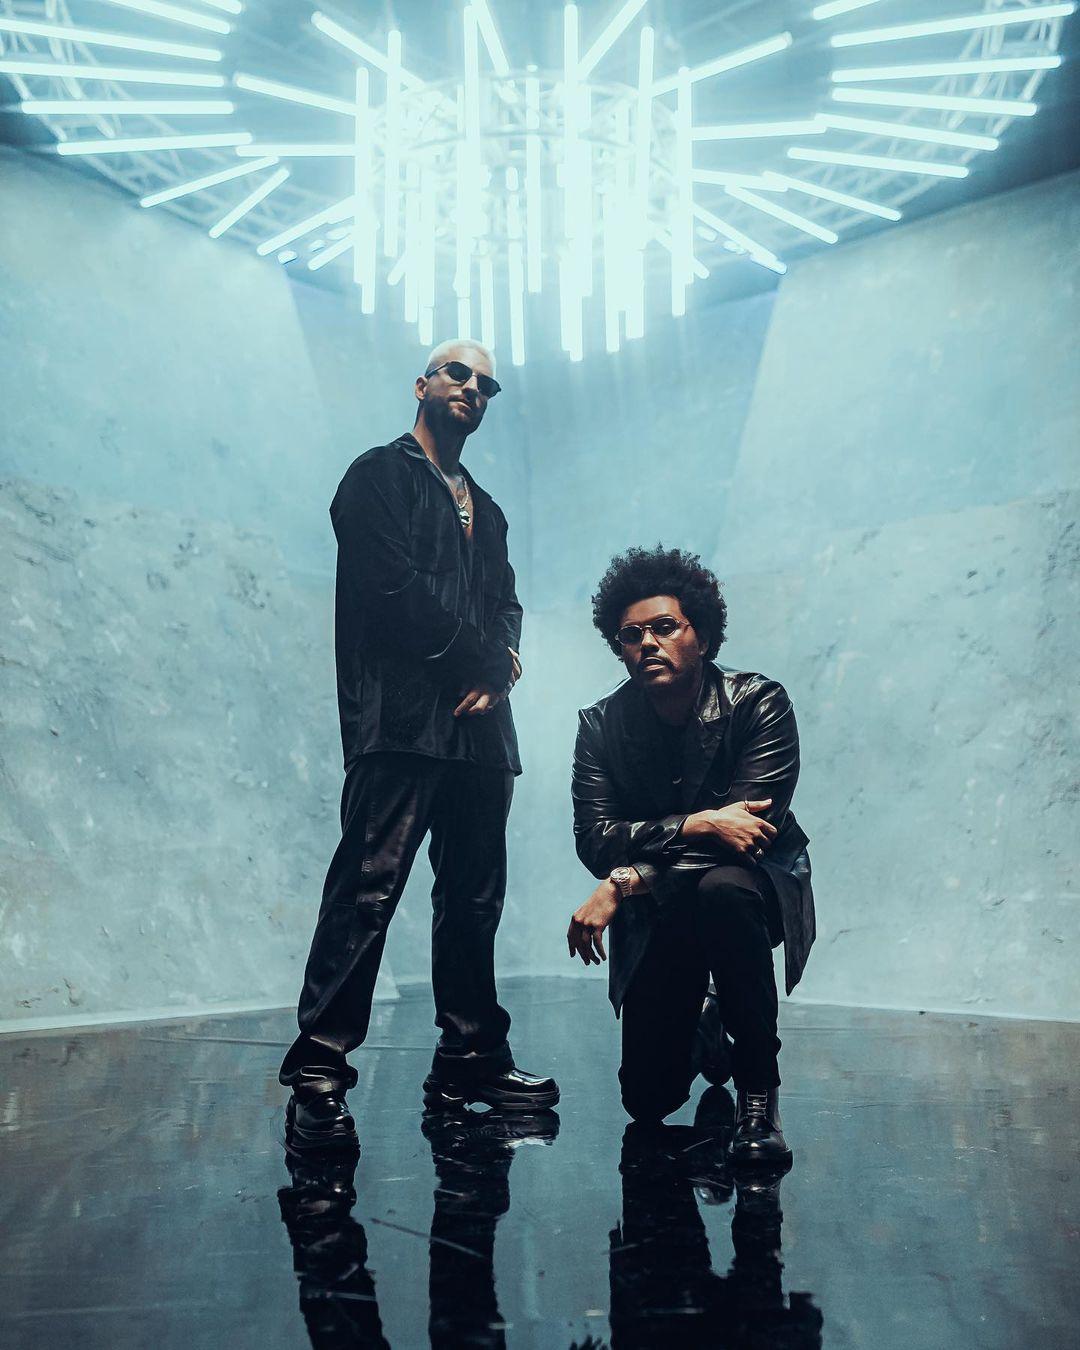 Maluma y The Weeknd levantan sospechas de colaboracion